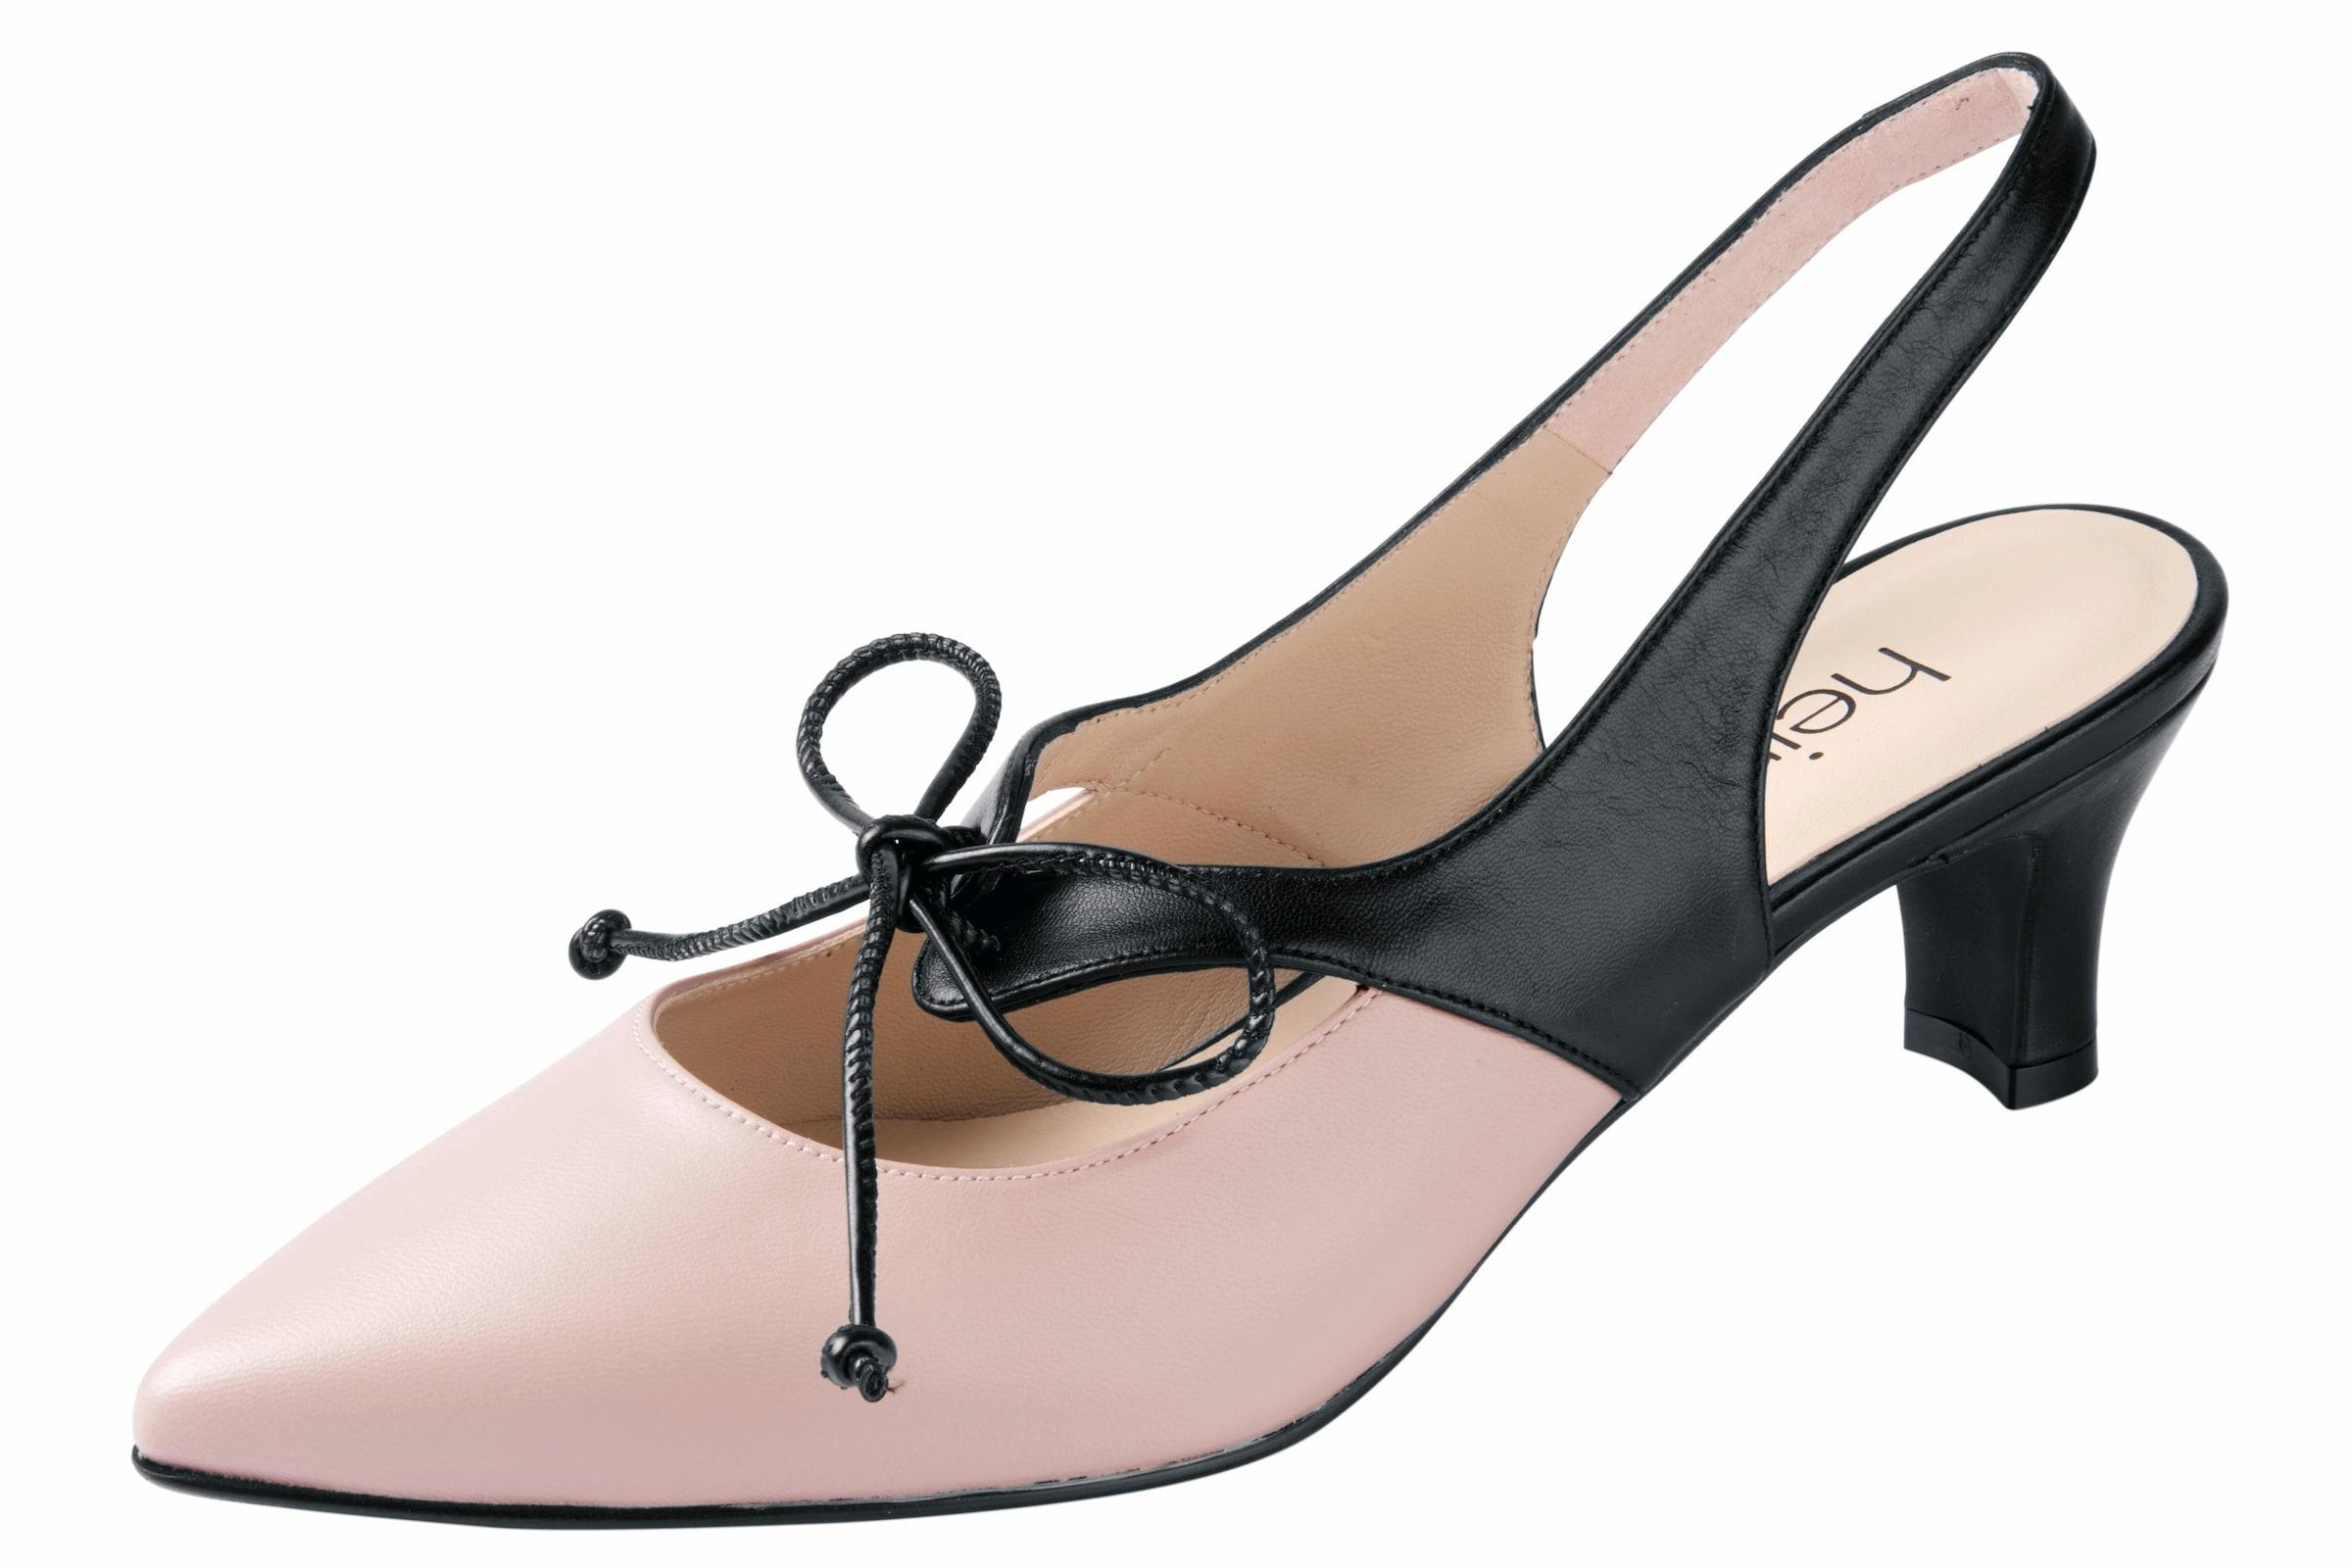 heine | Schuhe Slingpumps mit kleiner Schnürung Schuhe | Gut getragene Schuhe 3325ff